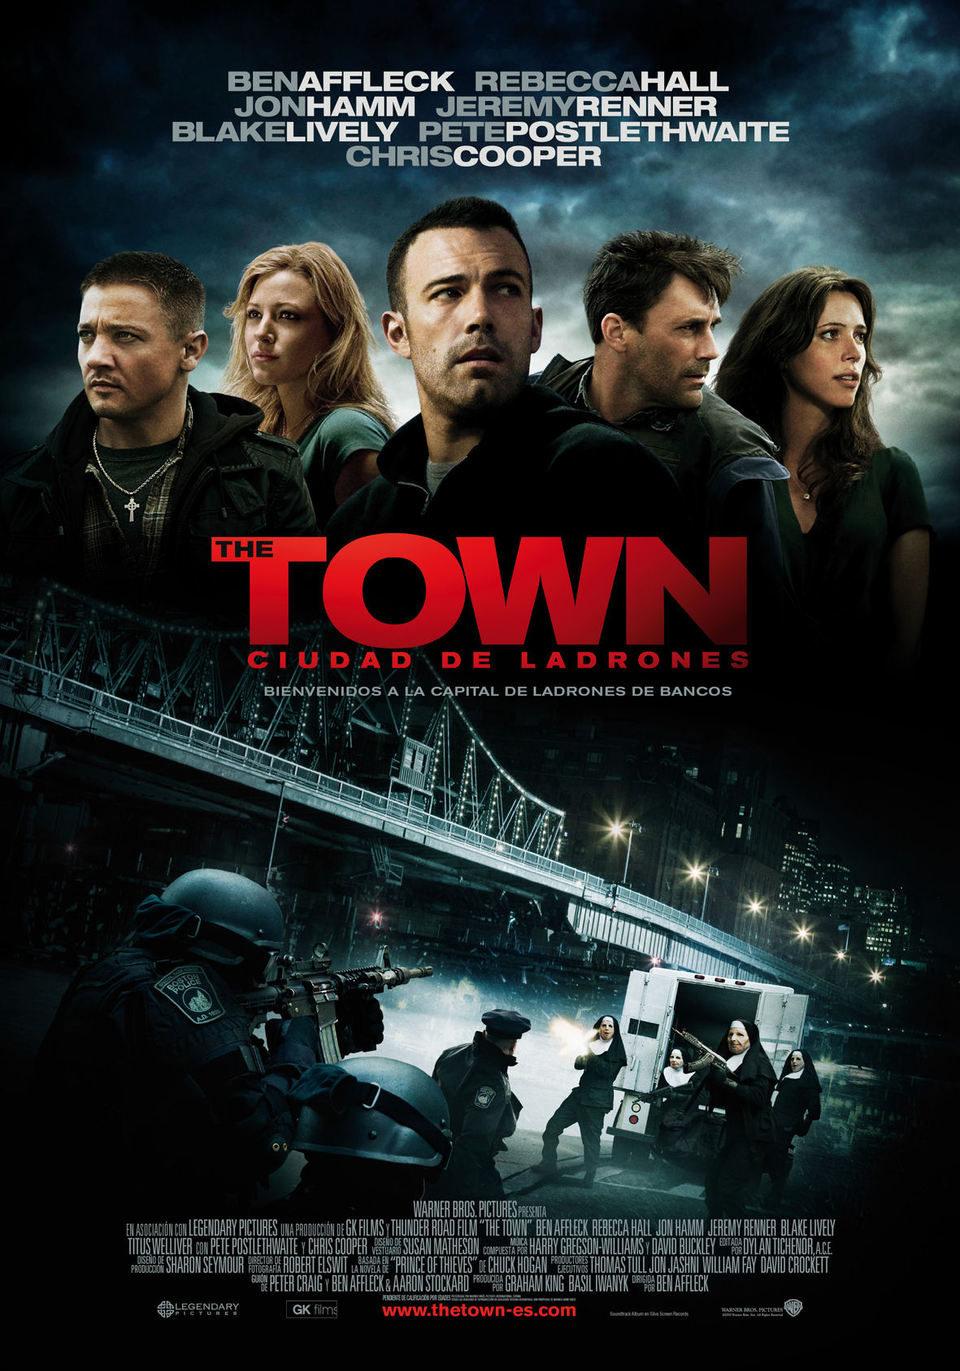 Cartel España de 'The Town. Ciudad de ladrones'